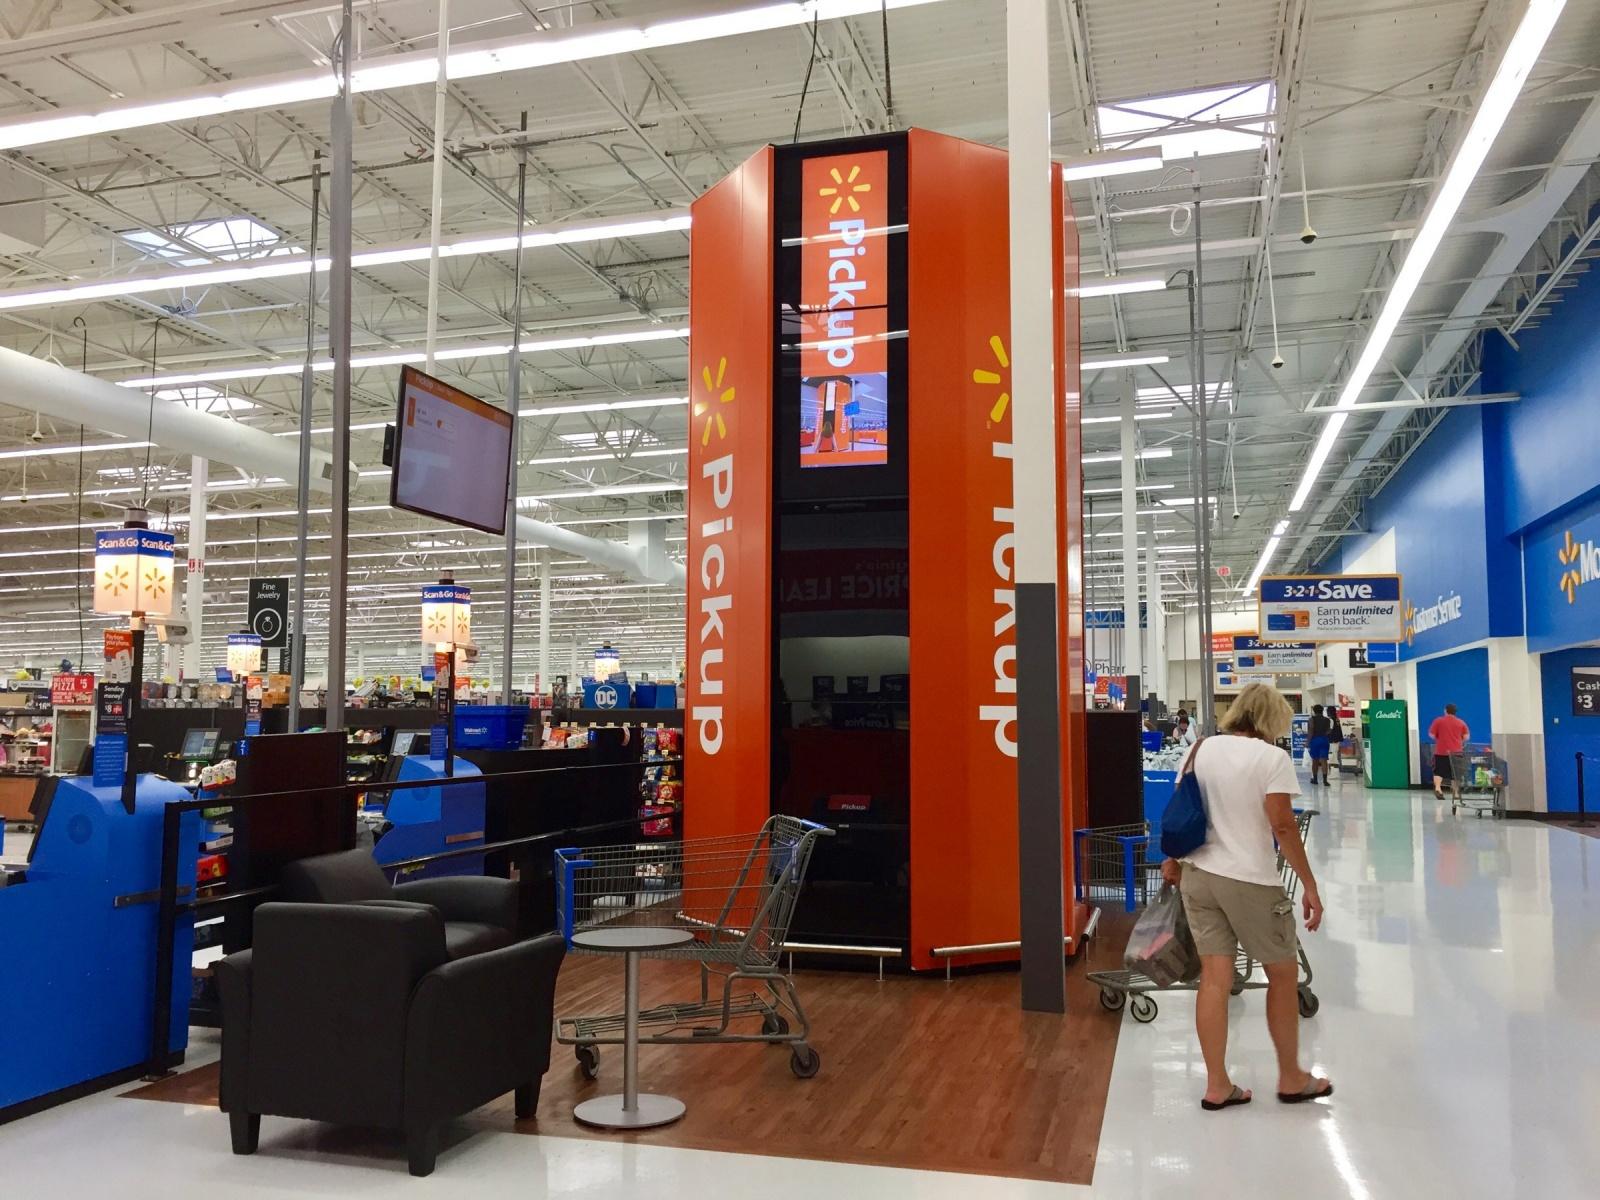 Walmart будет устанавливать в супермаркетах автоматы для выдачи онлайн-покупок - 6